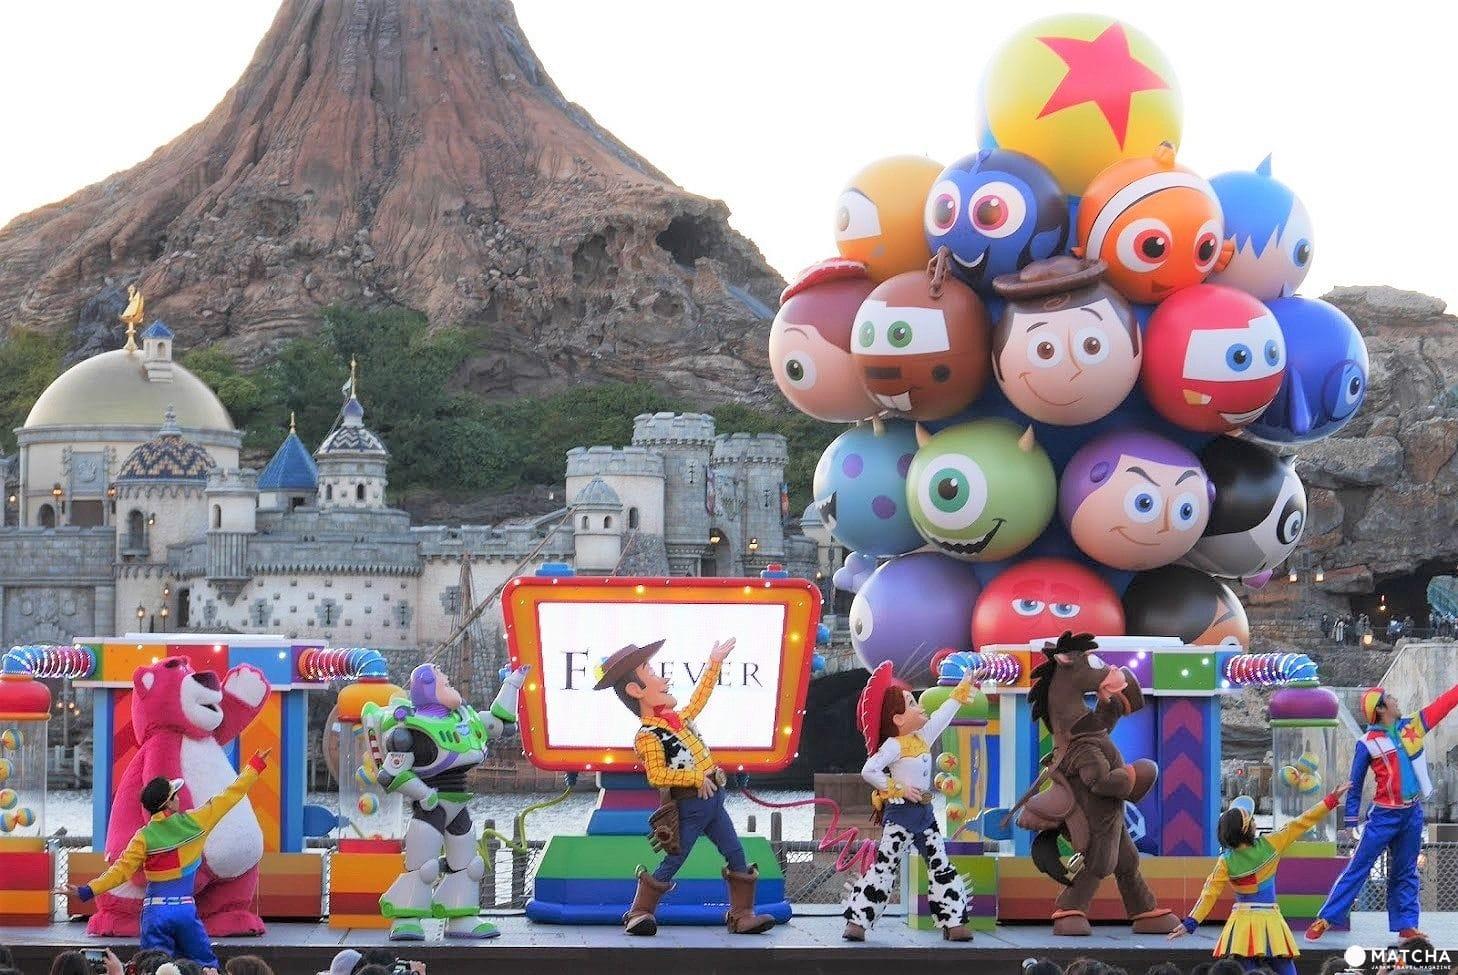 2018年東京迪士尼海洋「皮克斯遊戲時間」全新特別活動全攻略! | MATCHA - 日本線上旅遊觀光雜誌